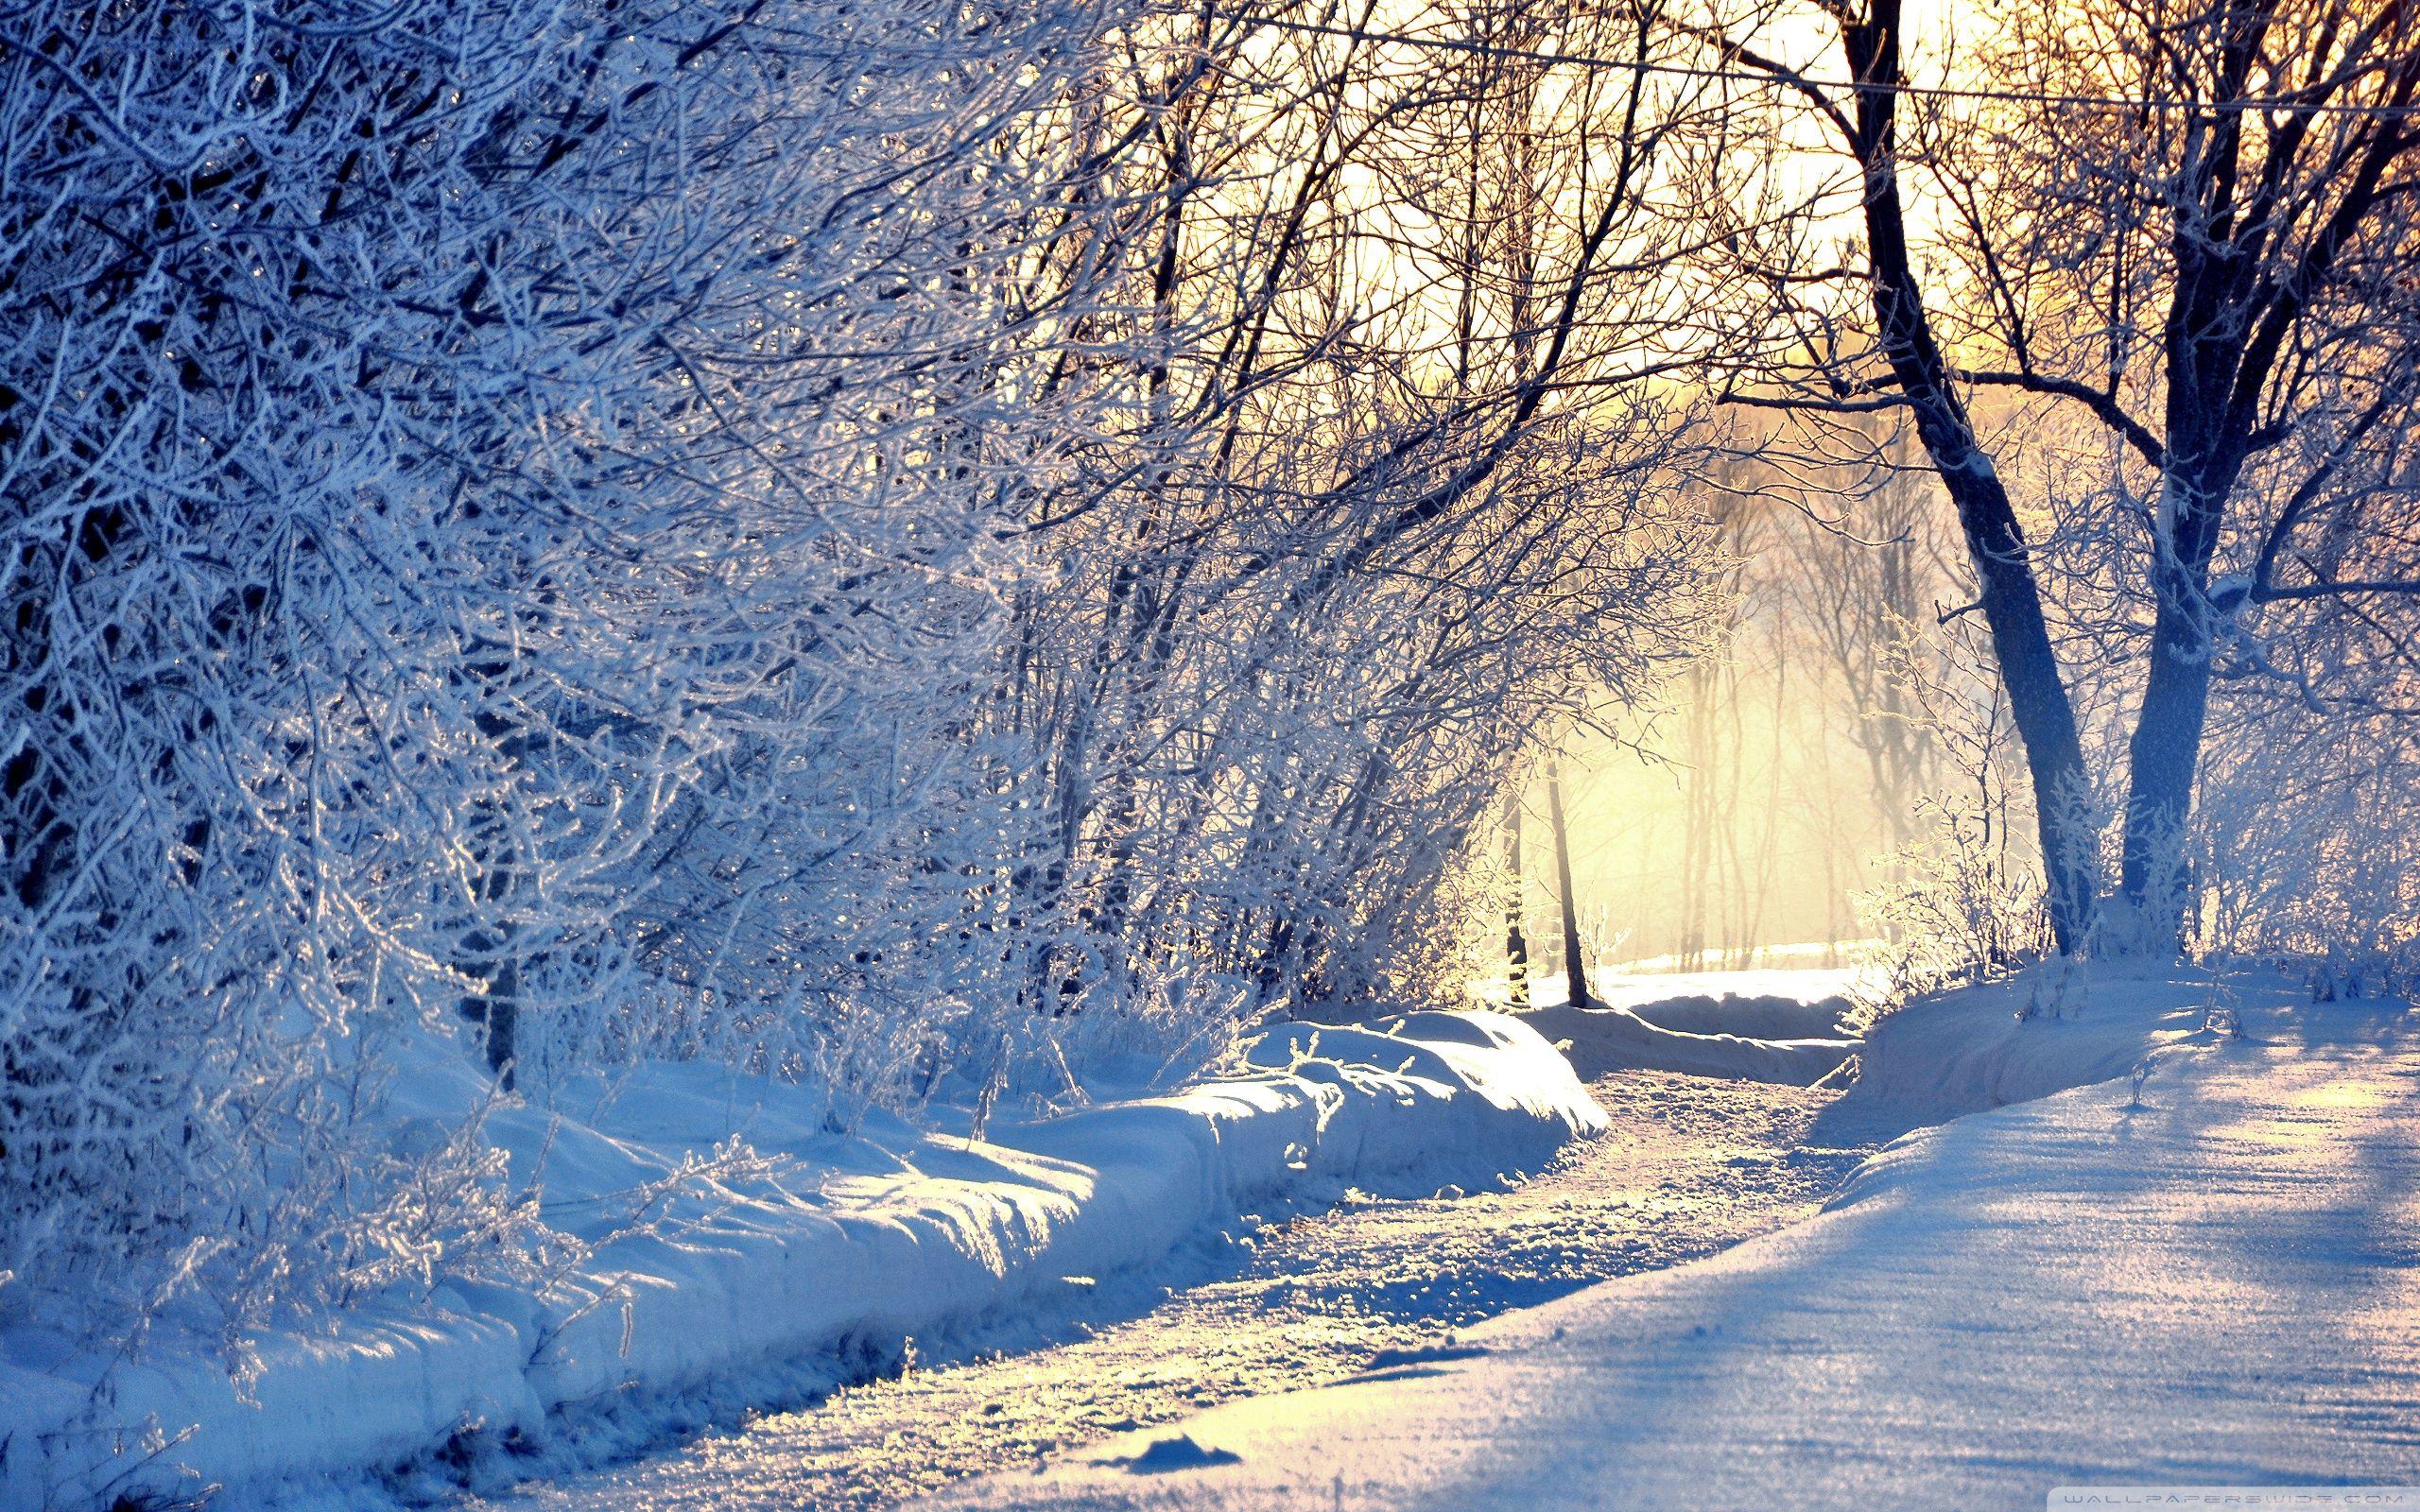 Winter Morning Light Wallpaper Full HD [2560x1600] 2560x1600